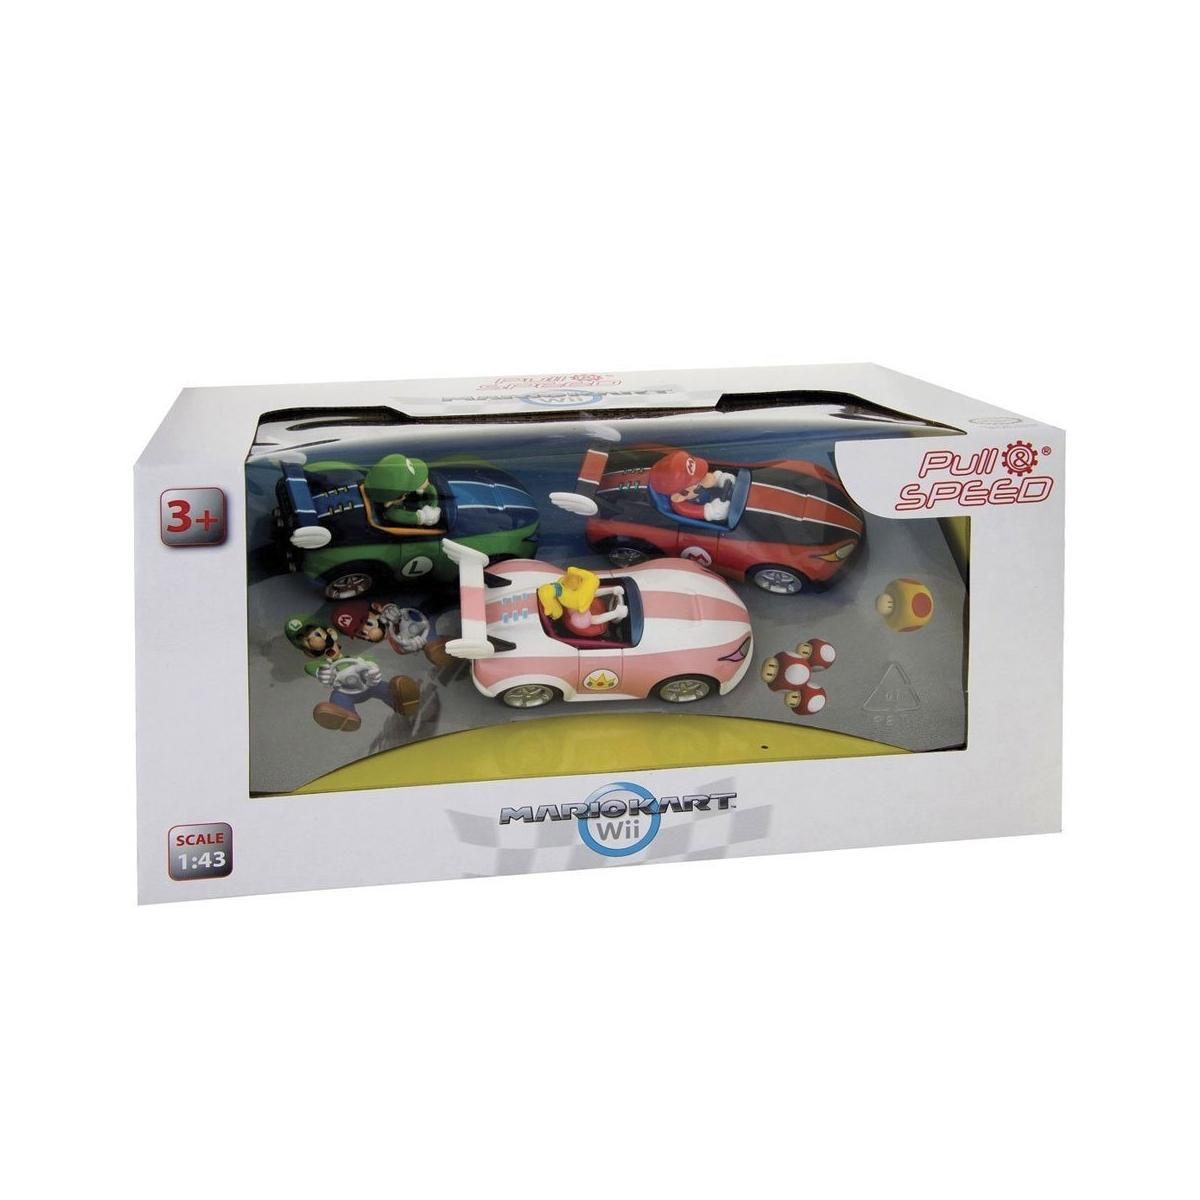 Super mario kart wii pack 3 voitures friction 1 43 mario luigi peach figurine discount - Mario kart wii voiture ...